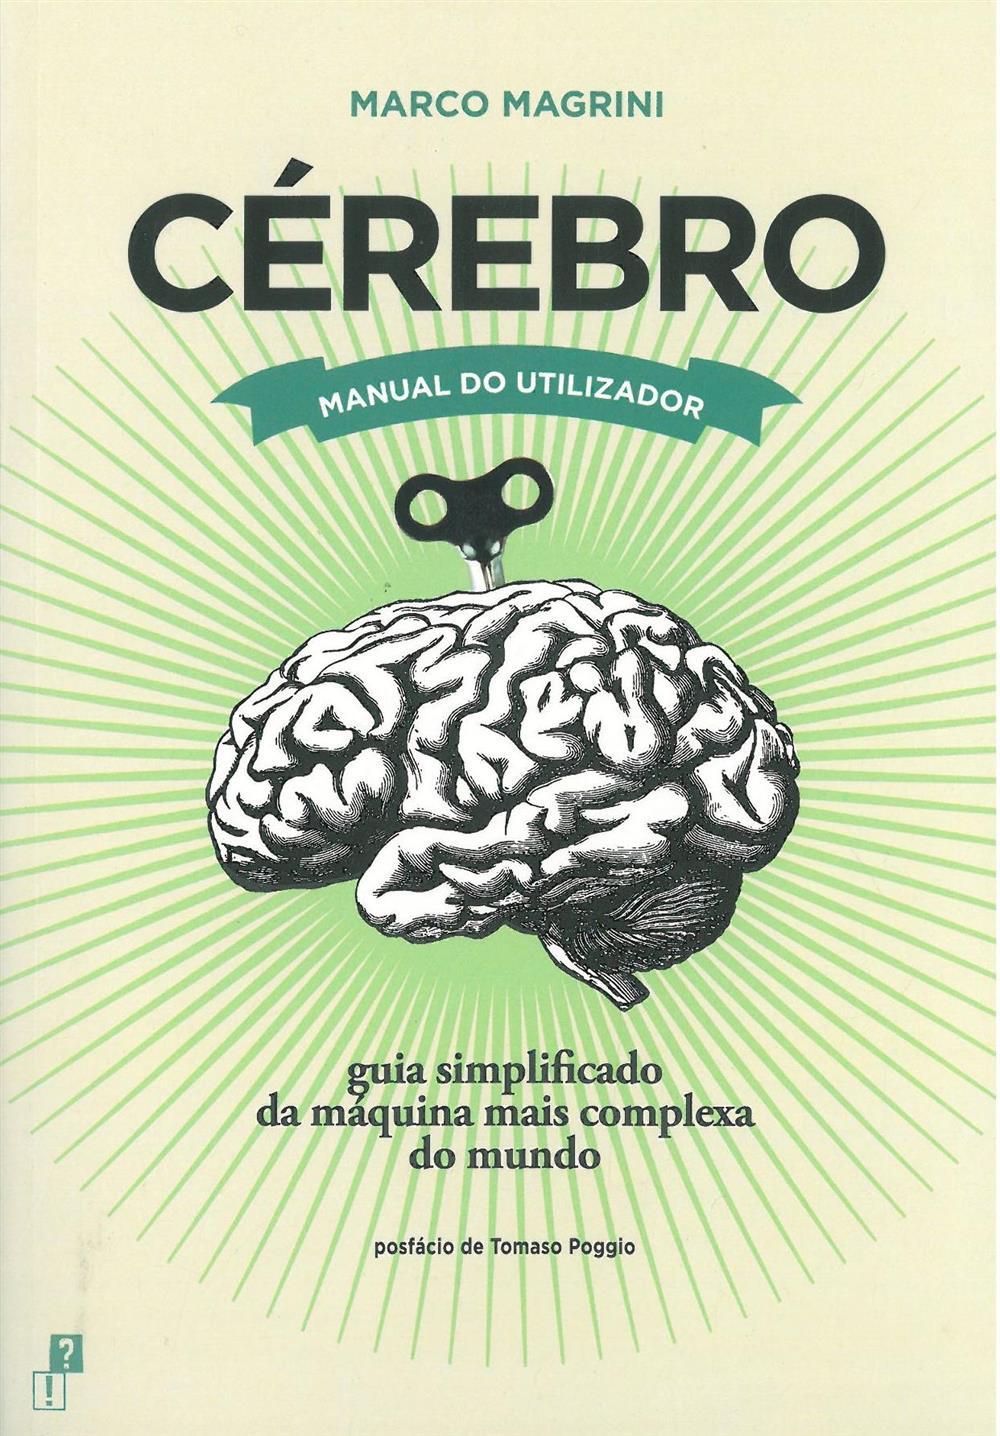 Cérebro.jpg